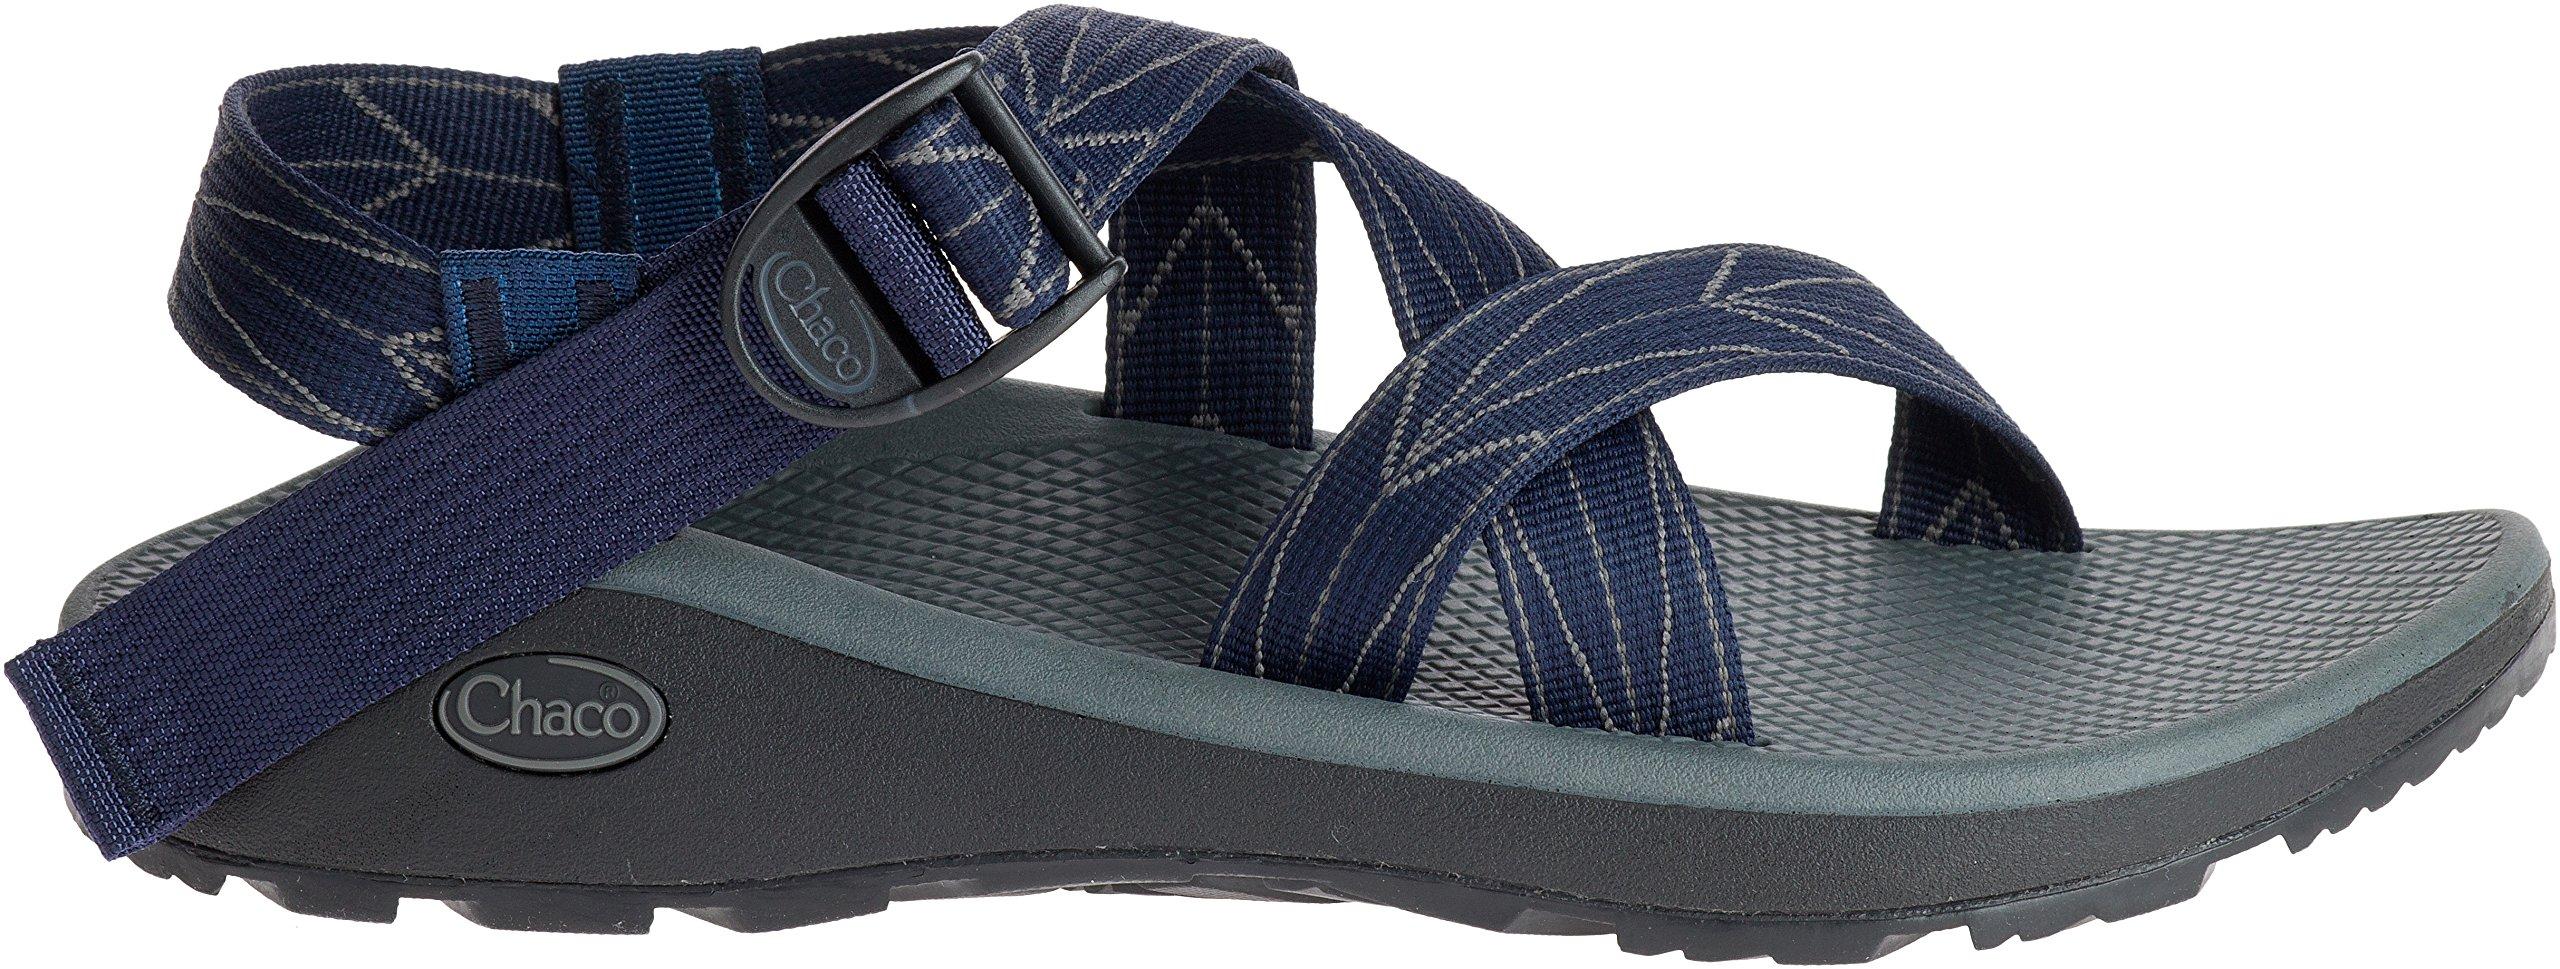 Chaco Men's Zcloud Athletic Sandal, Aero Blue, 7 M US